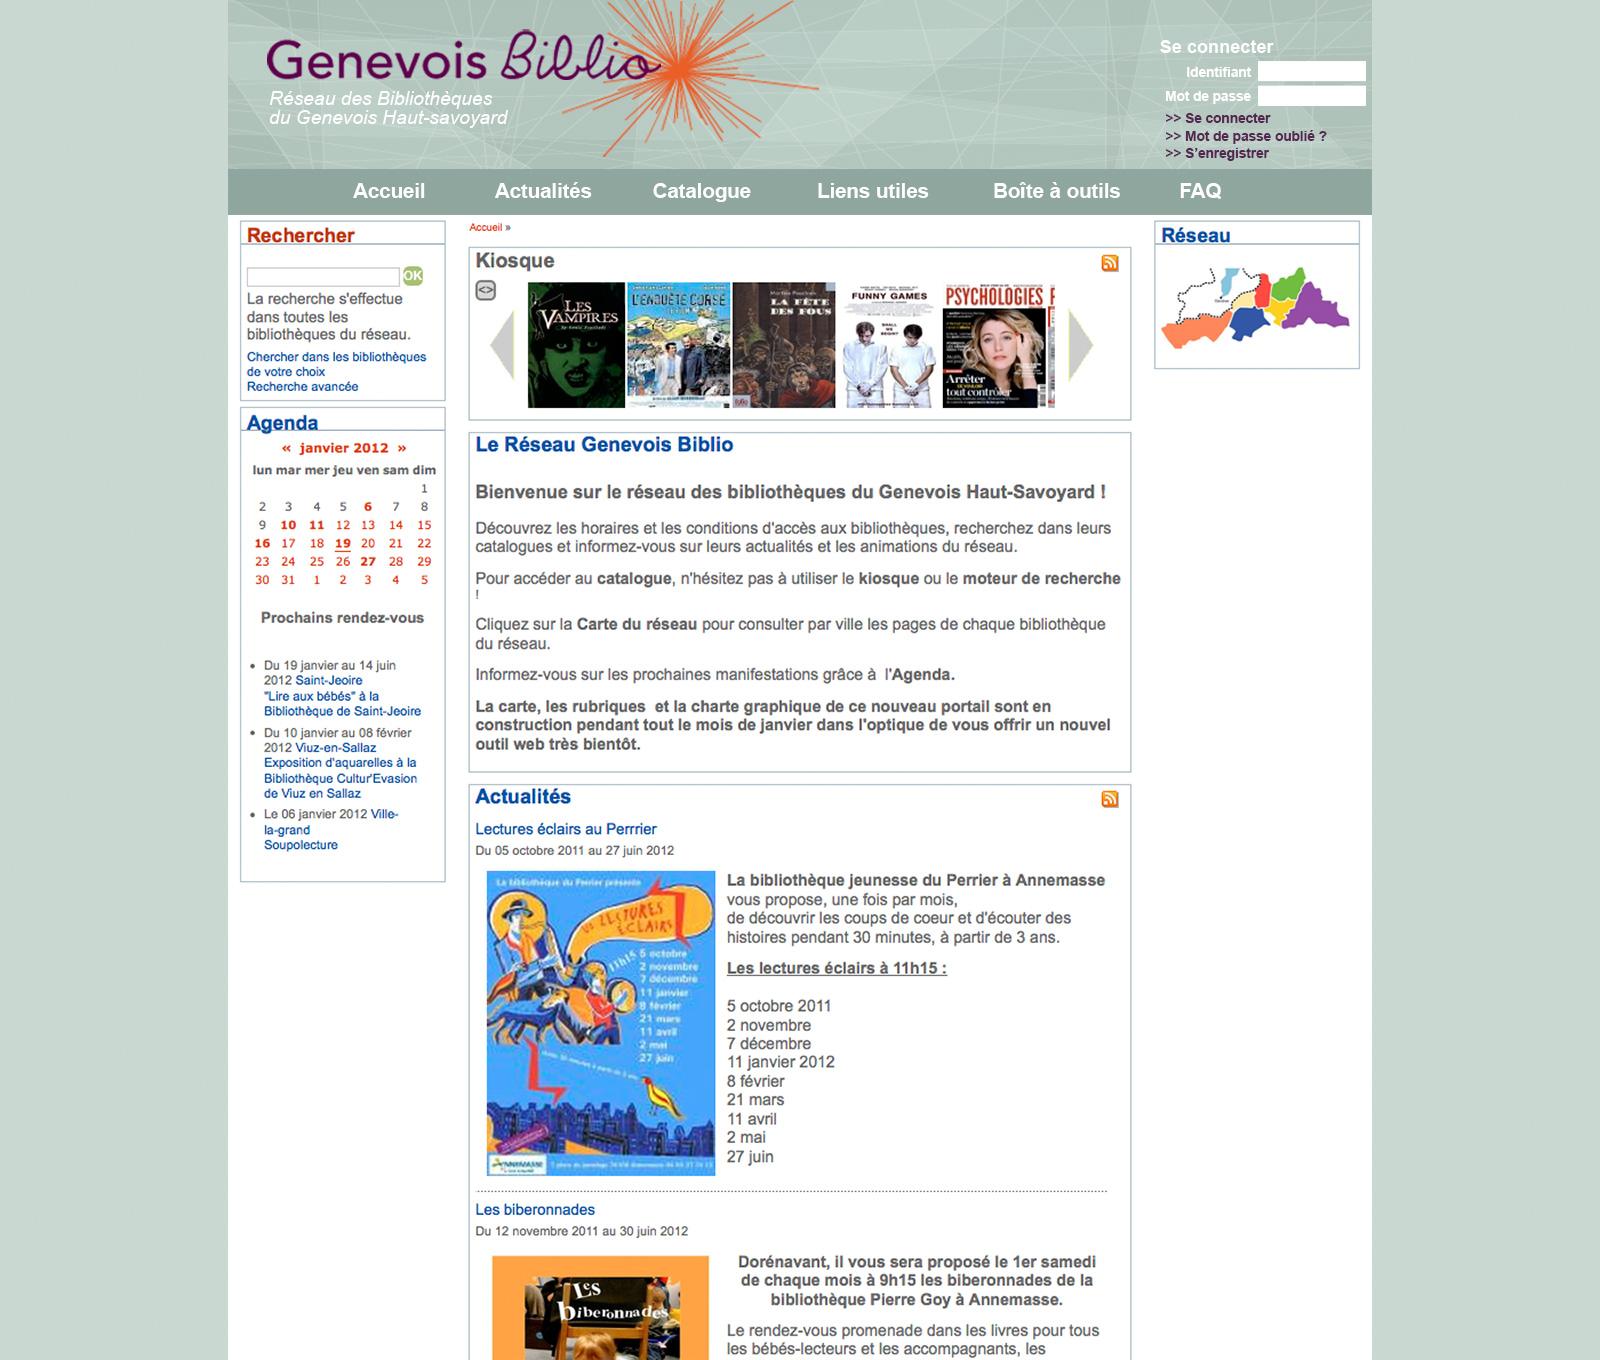 Accueil-site-Genevois-Biblio